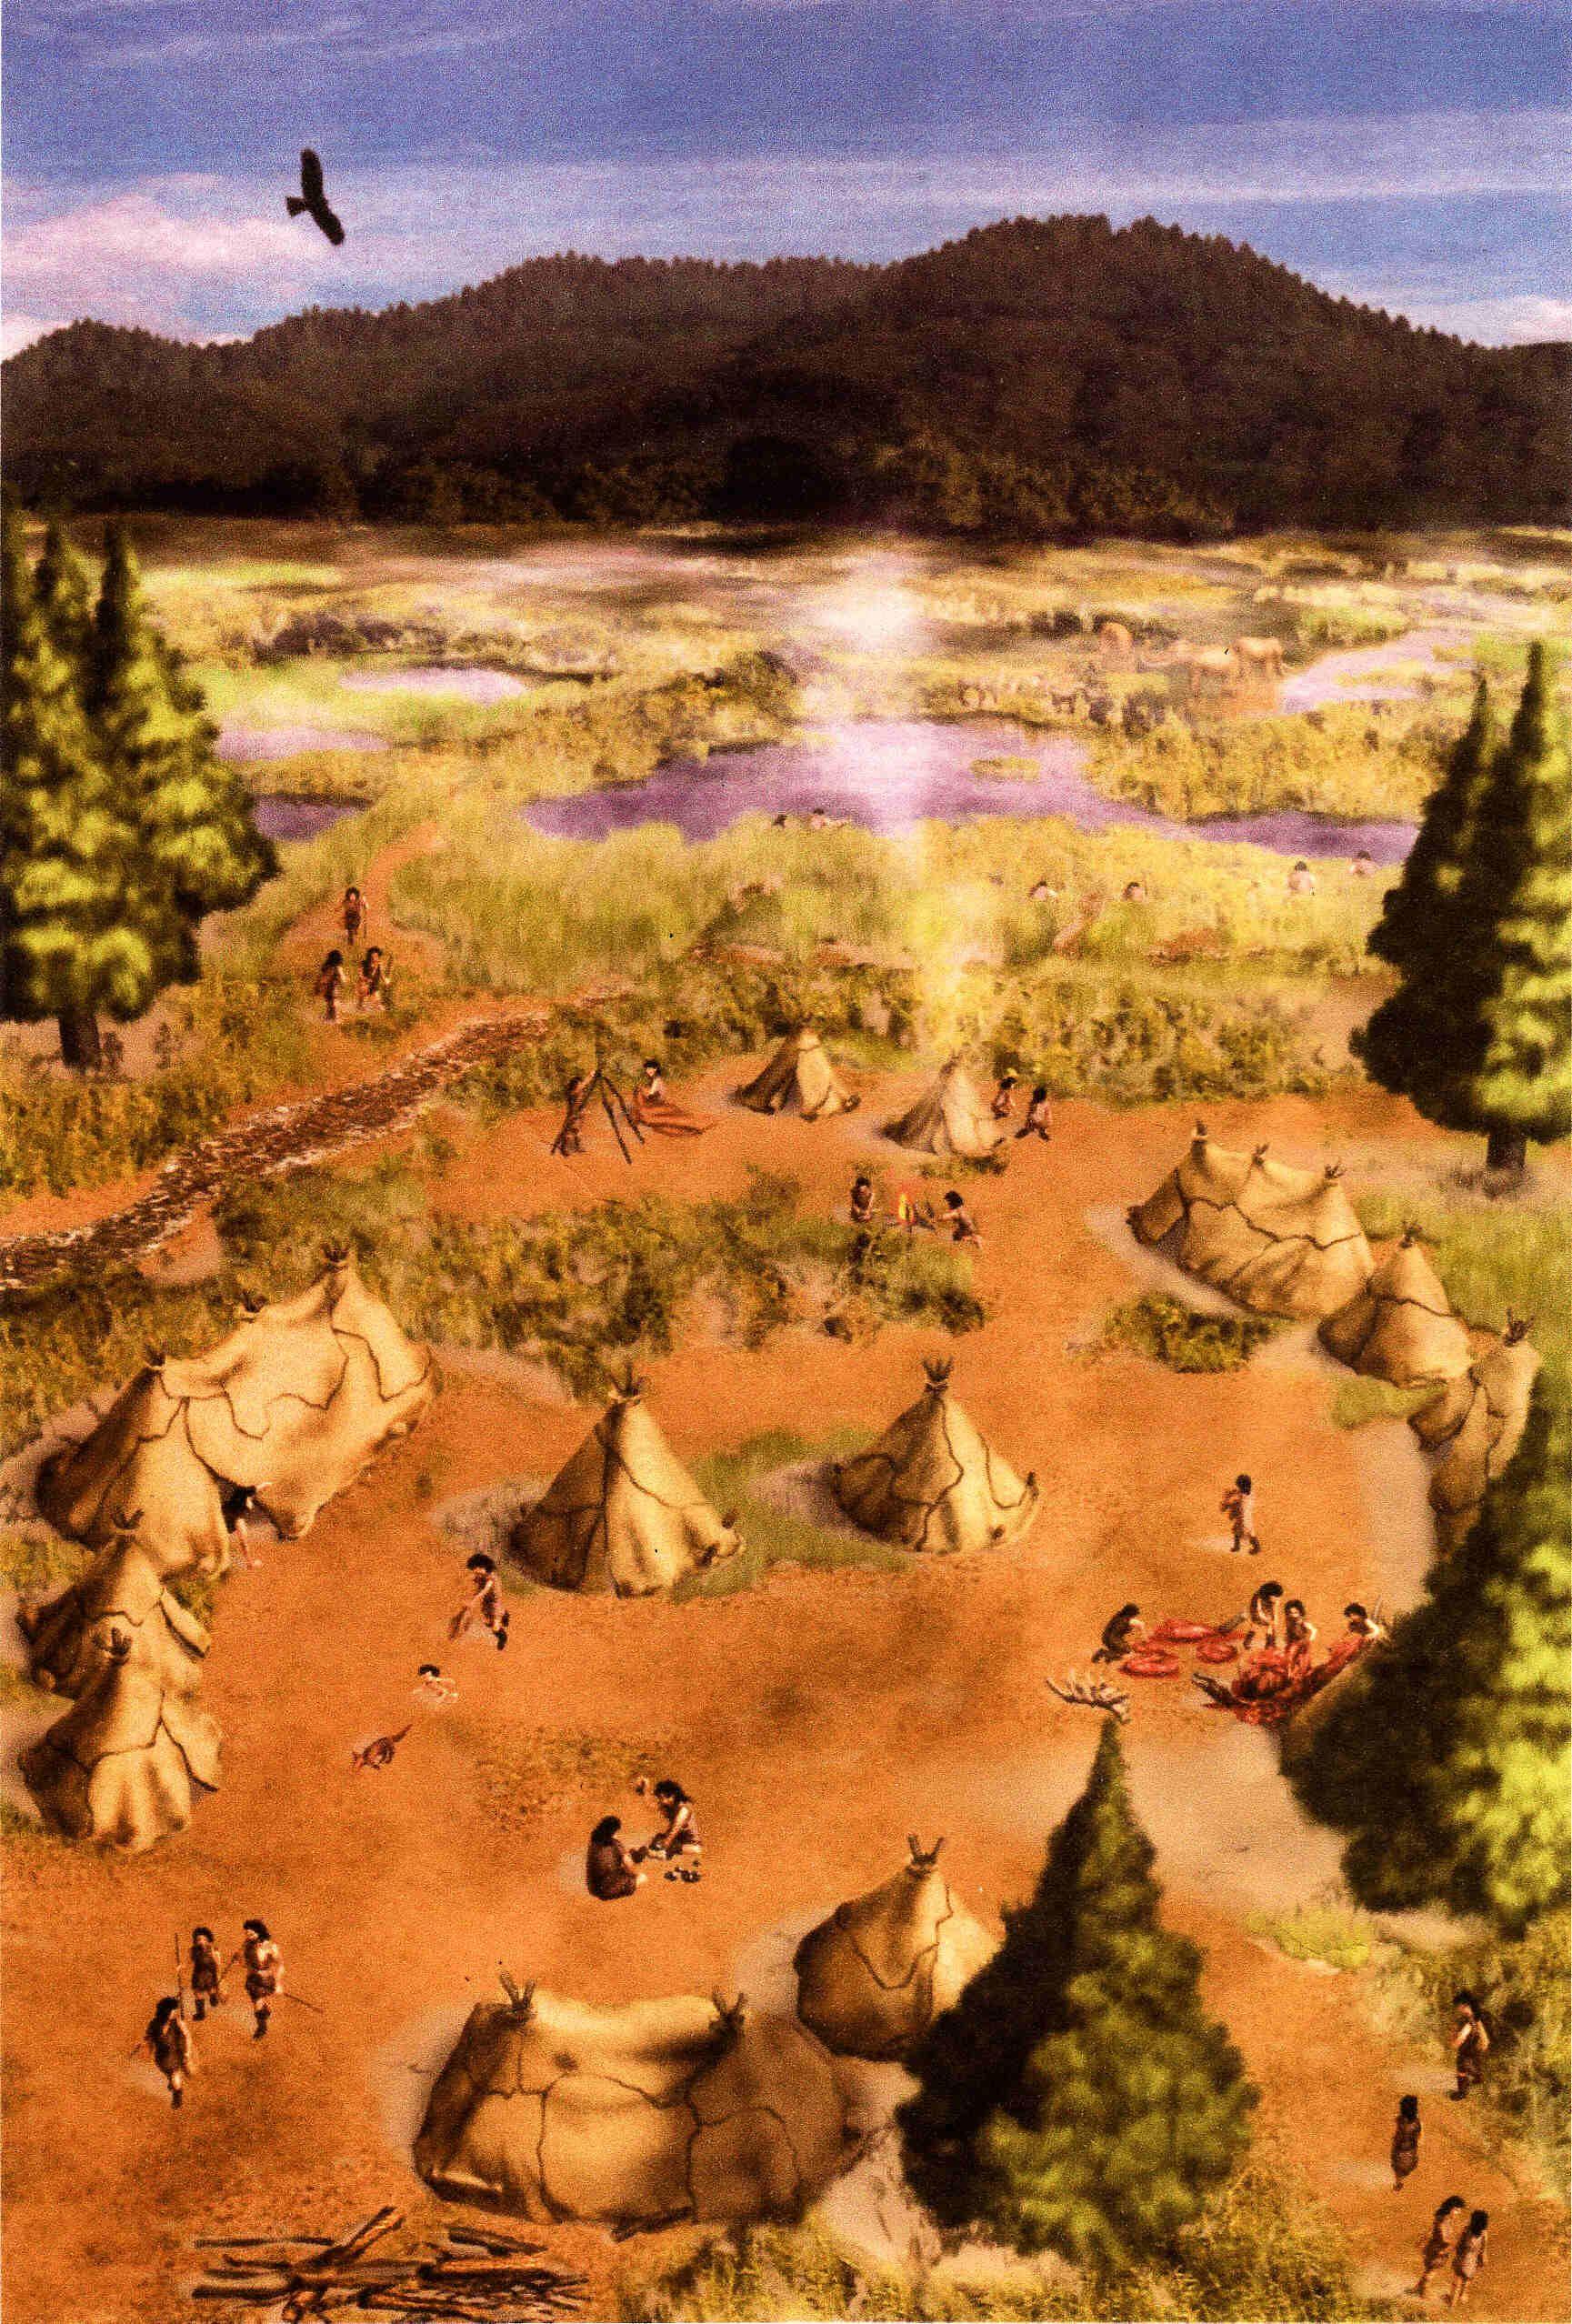 The Kambayashi Campsite During The Paleolithic Era